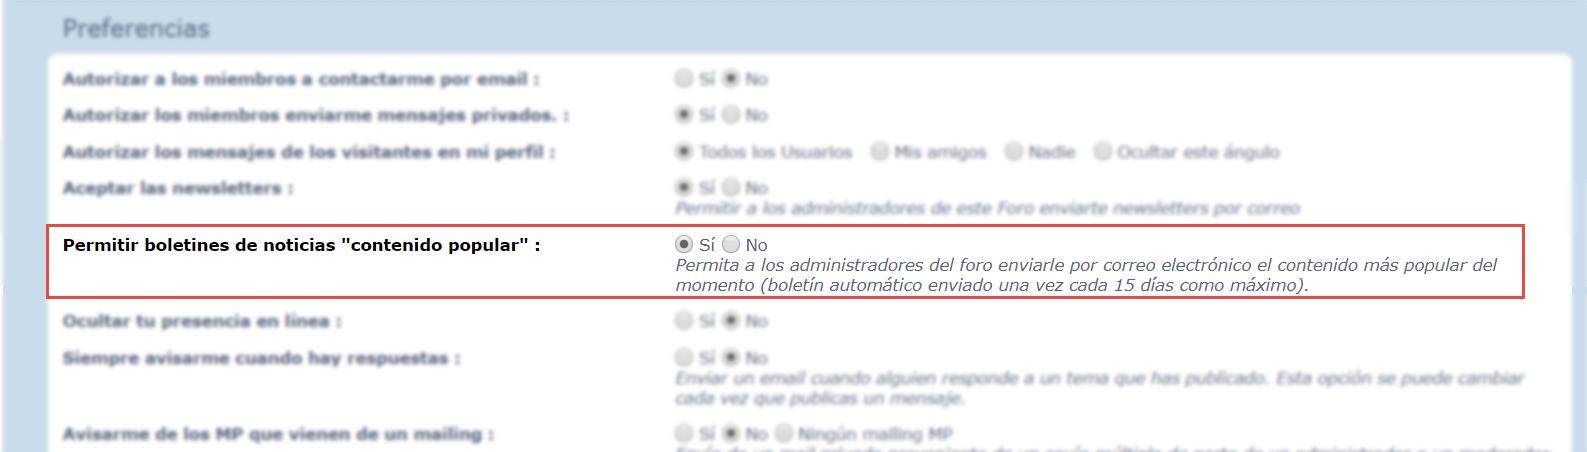 [ www.306cabriolet.es ] Cambios en el foro - Página 9 E019c410